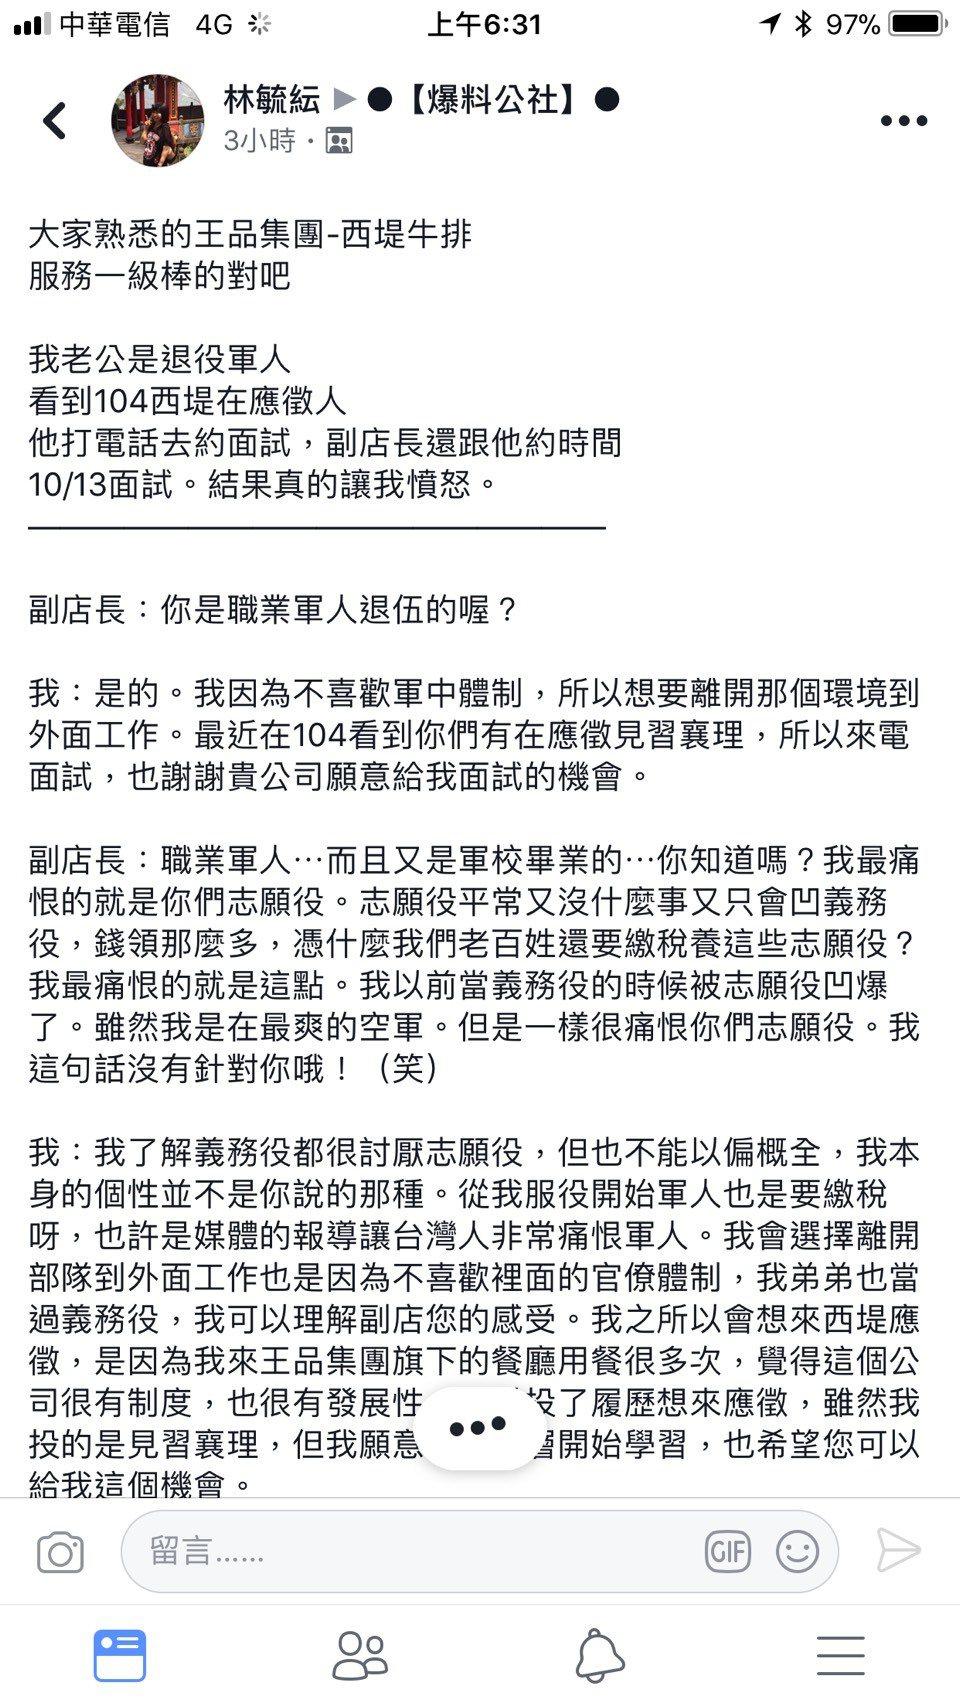 屬名林毓紜的女子在「爆料公社」貼文指稱,連長退伍的夫婿10月13日依約前往王品集...